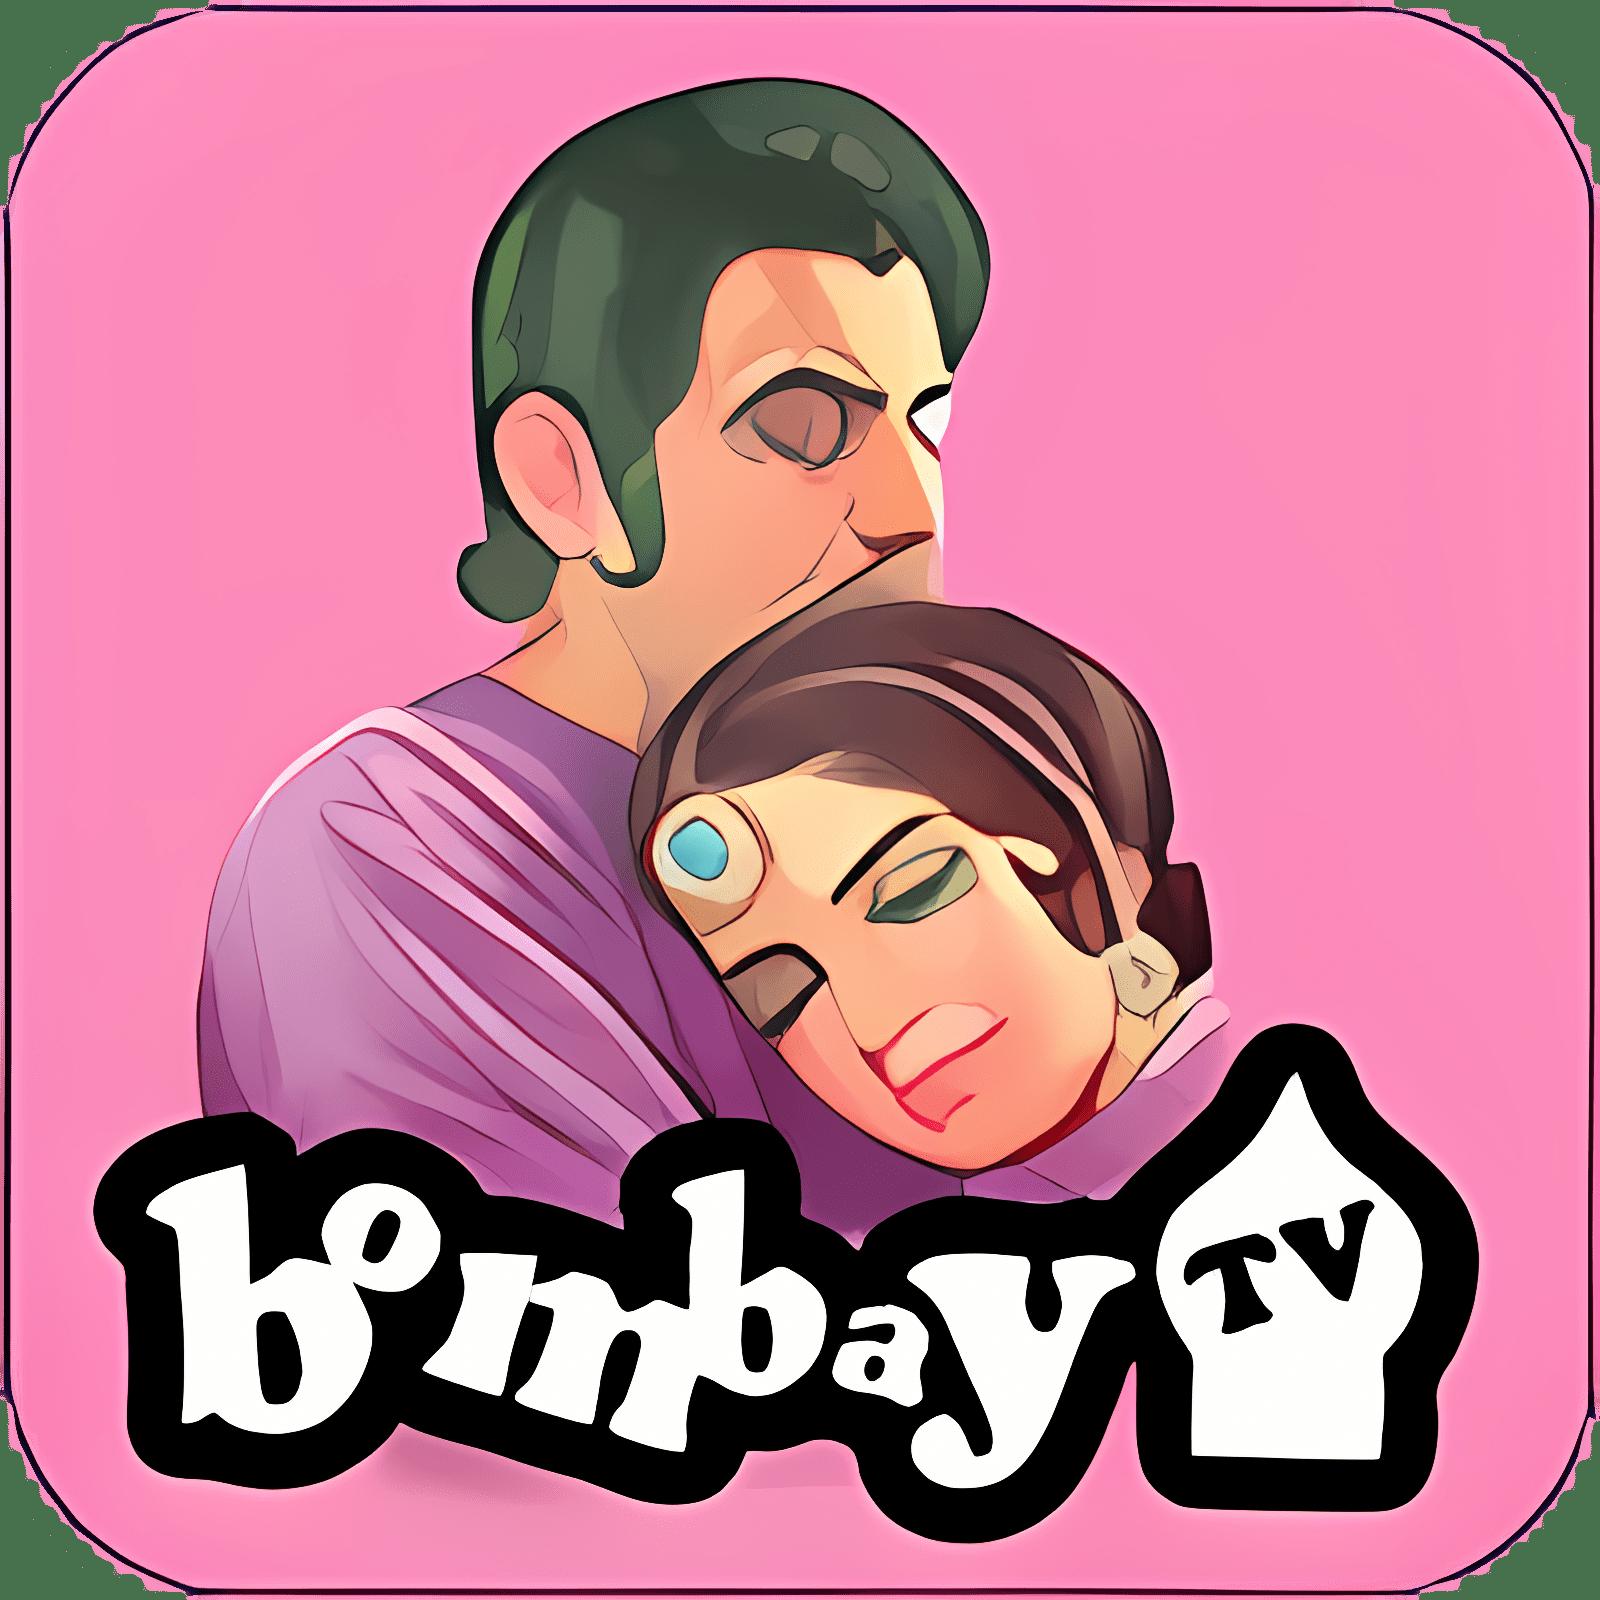 BombayTV